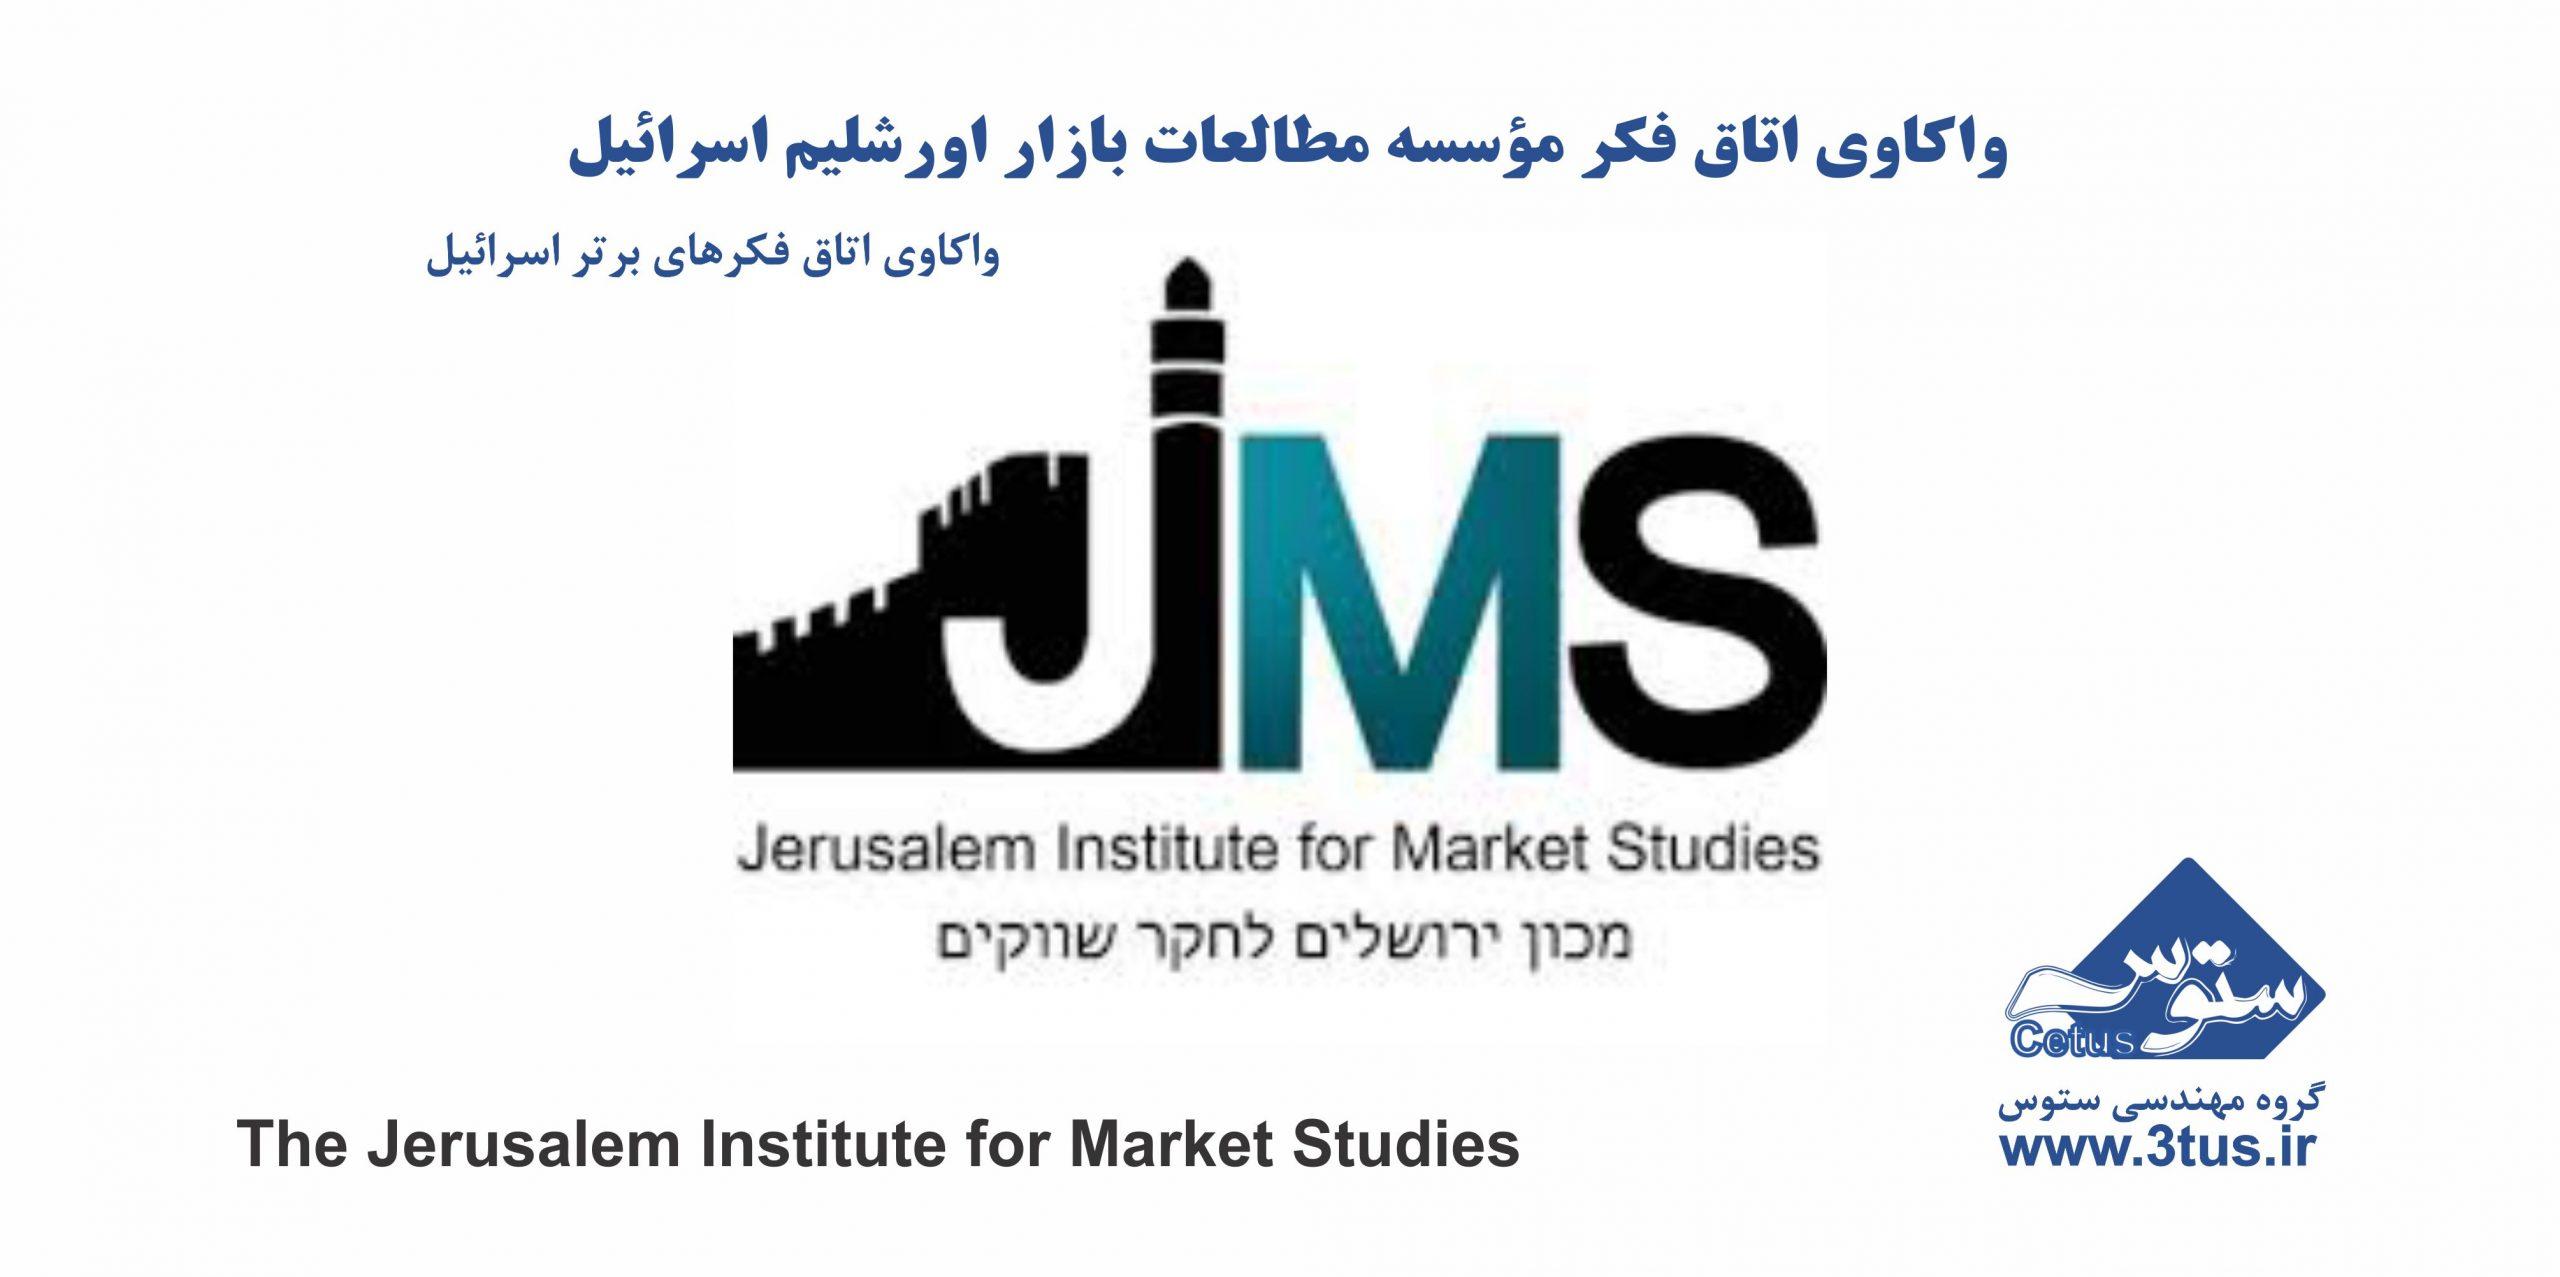 واکاوی اتاق فکر مؤسسه مطالعات بازار اورشلیم اسرائیل